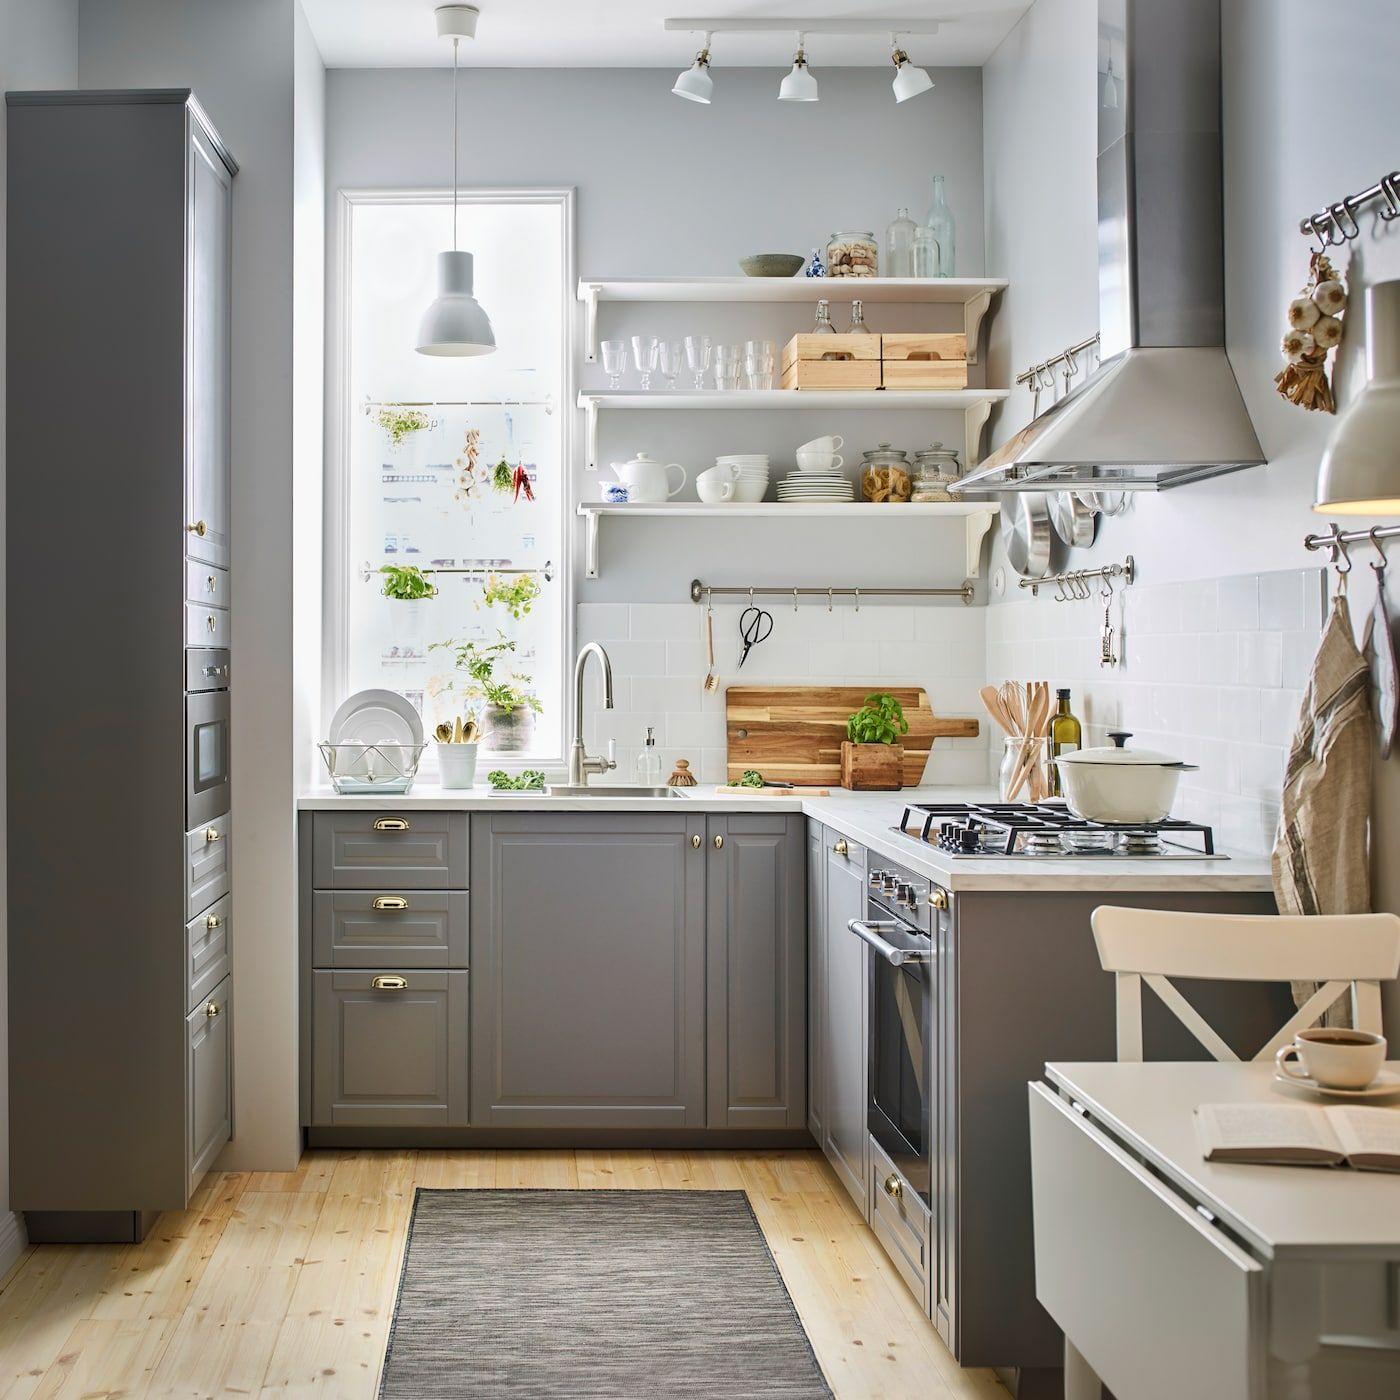 Kompakte Küche im klassischen Design Ikea kleine küche